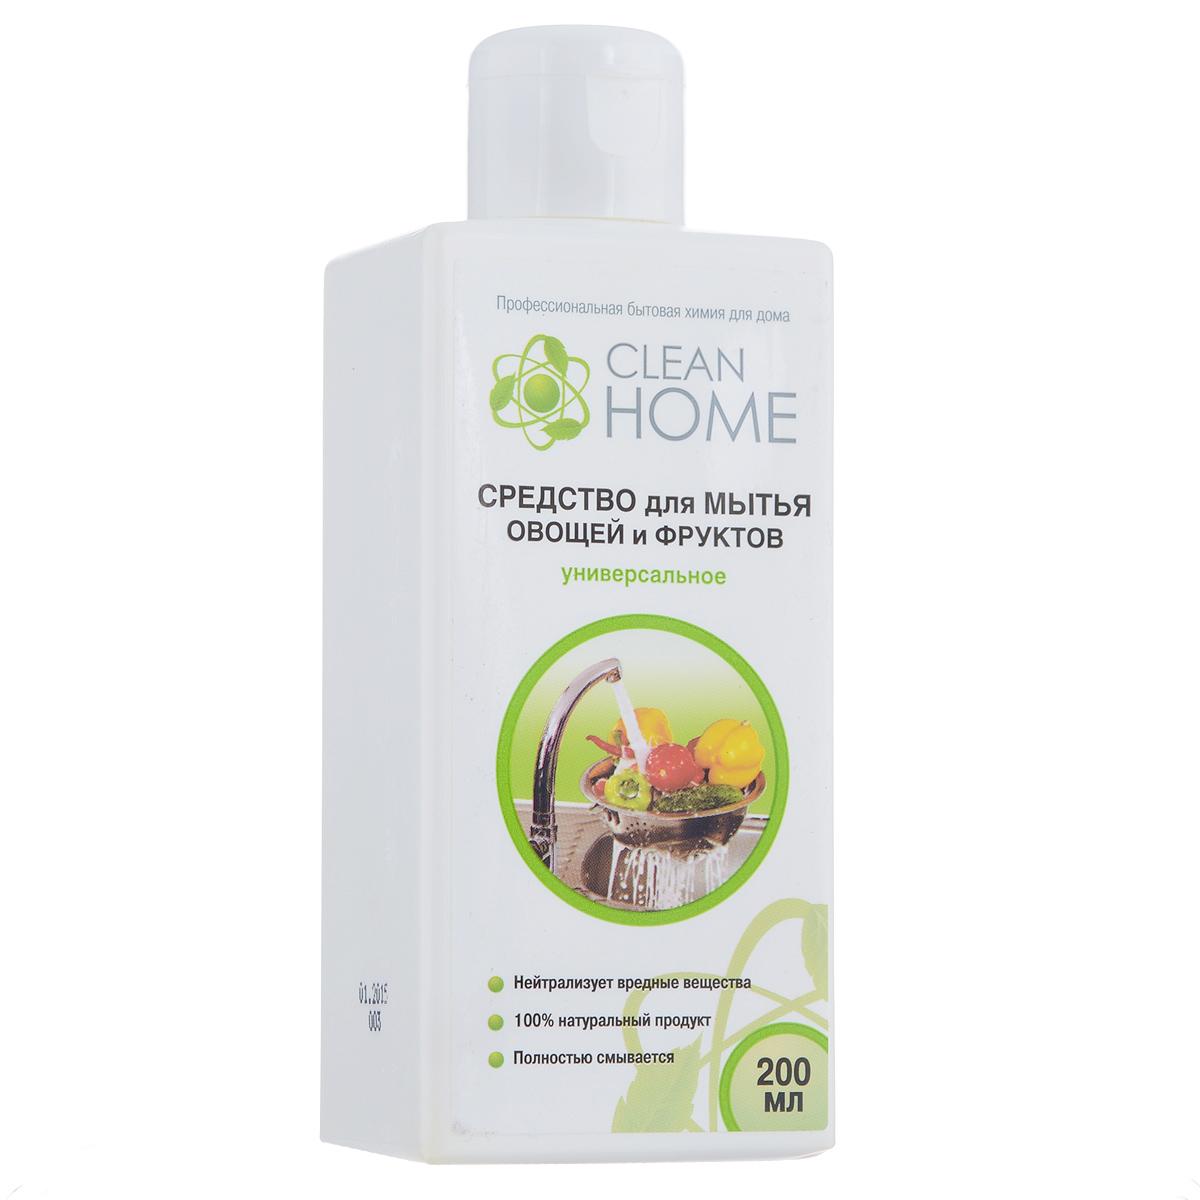 Средство Clean Home, для мытья овощей и фруктов, 200 мл412Антибактериальное средство Clean Home предназначено для мытья фруктов и овощей, для безопасного обеззараживания плодов. Эффективно удаляет и смывает с поверхности фруктов и овощей вредные пестициды, гербициды, инсектициды, следы парафина и воска. Гель эффективно растворяется как в горячей, так и холодной воде. Полностью безопасен и смываем, не содержит ароматизаторов, гипоаллергенный. Линия профессиональной бытовой химии для дома Clean Home представлена гаммой средств для стирки и уборки дома. Clean Home - это весь необходимый ряд высокоэффективных универсальных средств европейского качества. Состав: вода, композиция фруктовых кислот, экстракт ромашки, экстракт мяты, менее 5% НПАВ, функциональные добавки, эфирное масло лимона.